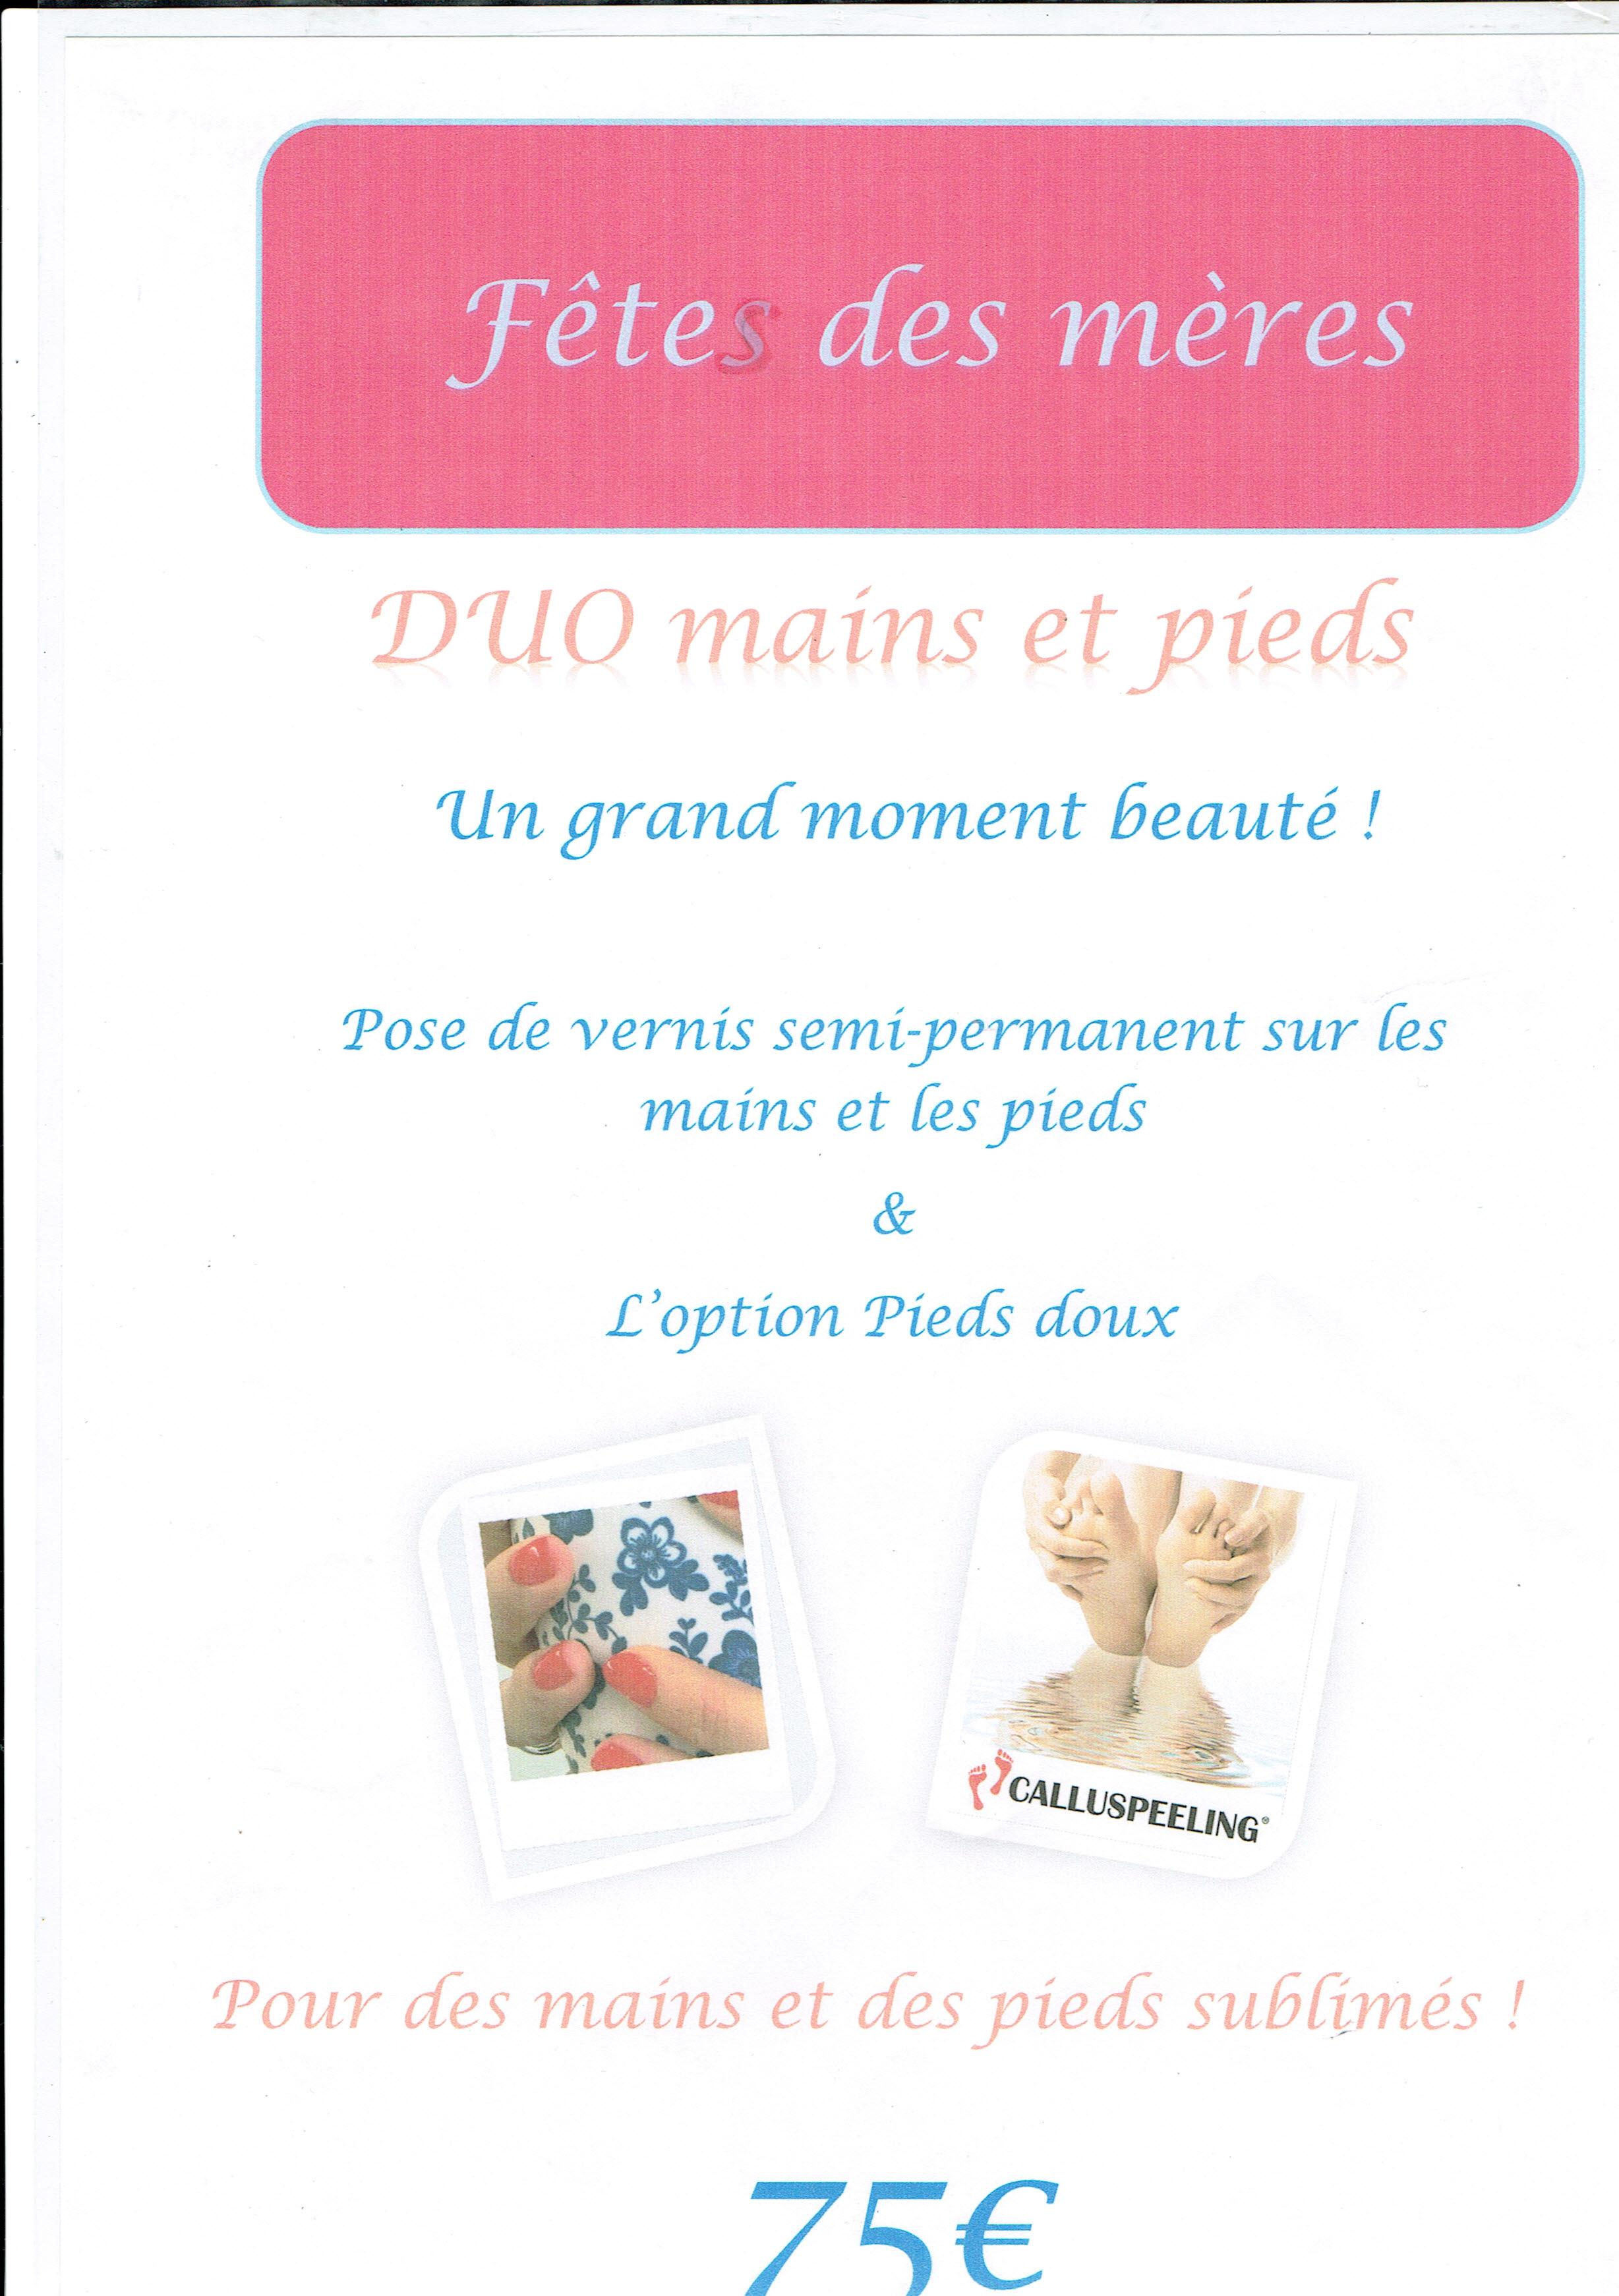 idée cadeau fête des mères • l'institut rue aristide • rezÉ